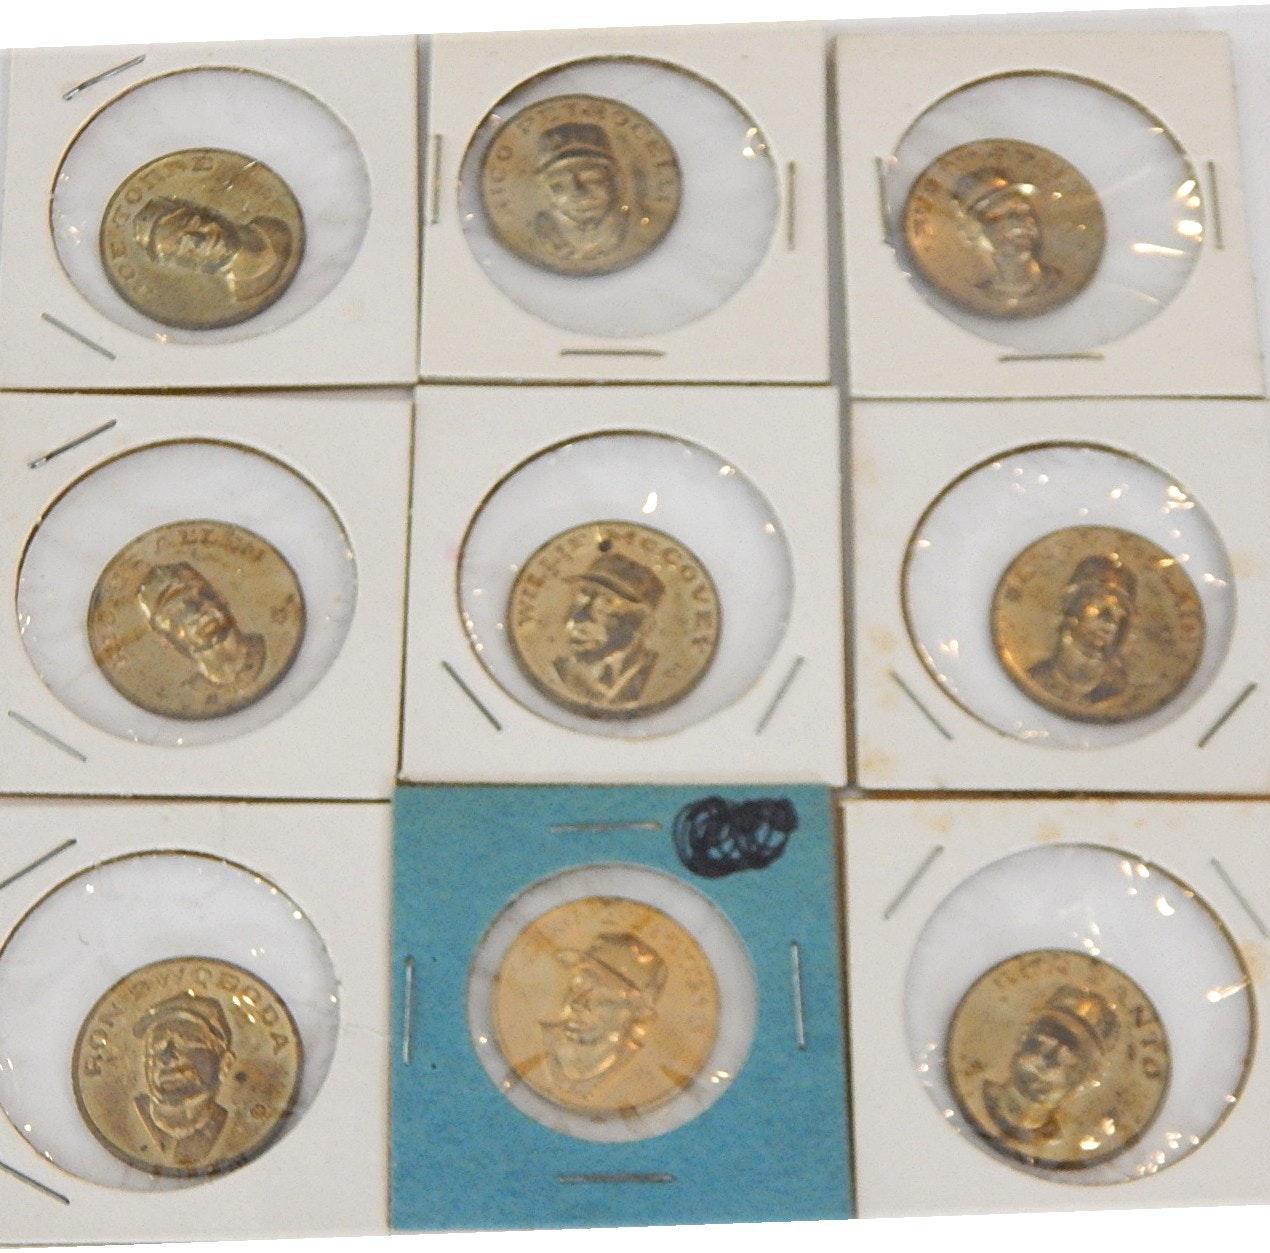 1969 Citgo Centennial Series Baseball Coins with Santo, McCovey, Bunning - 9 Ct